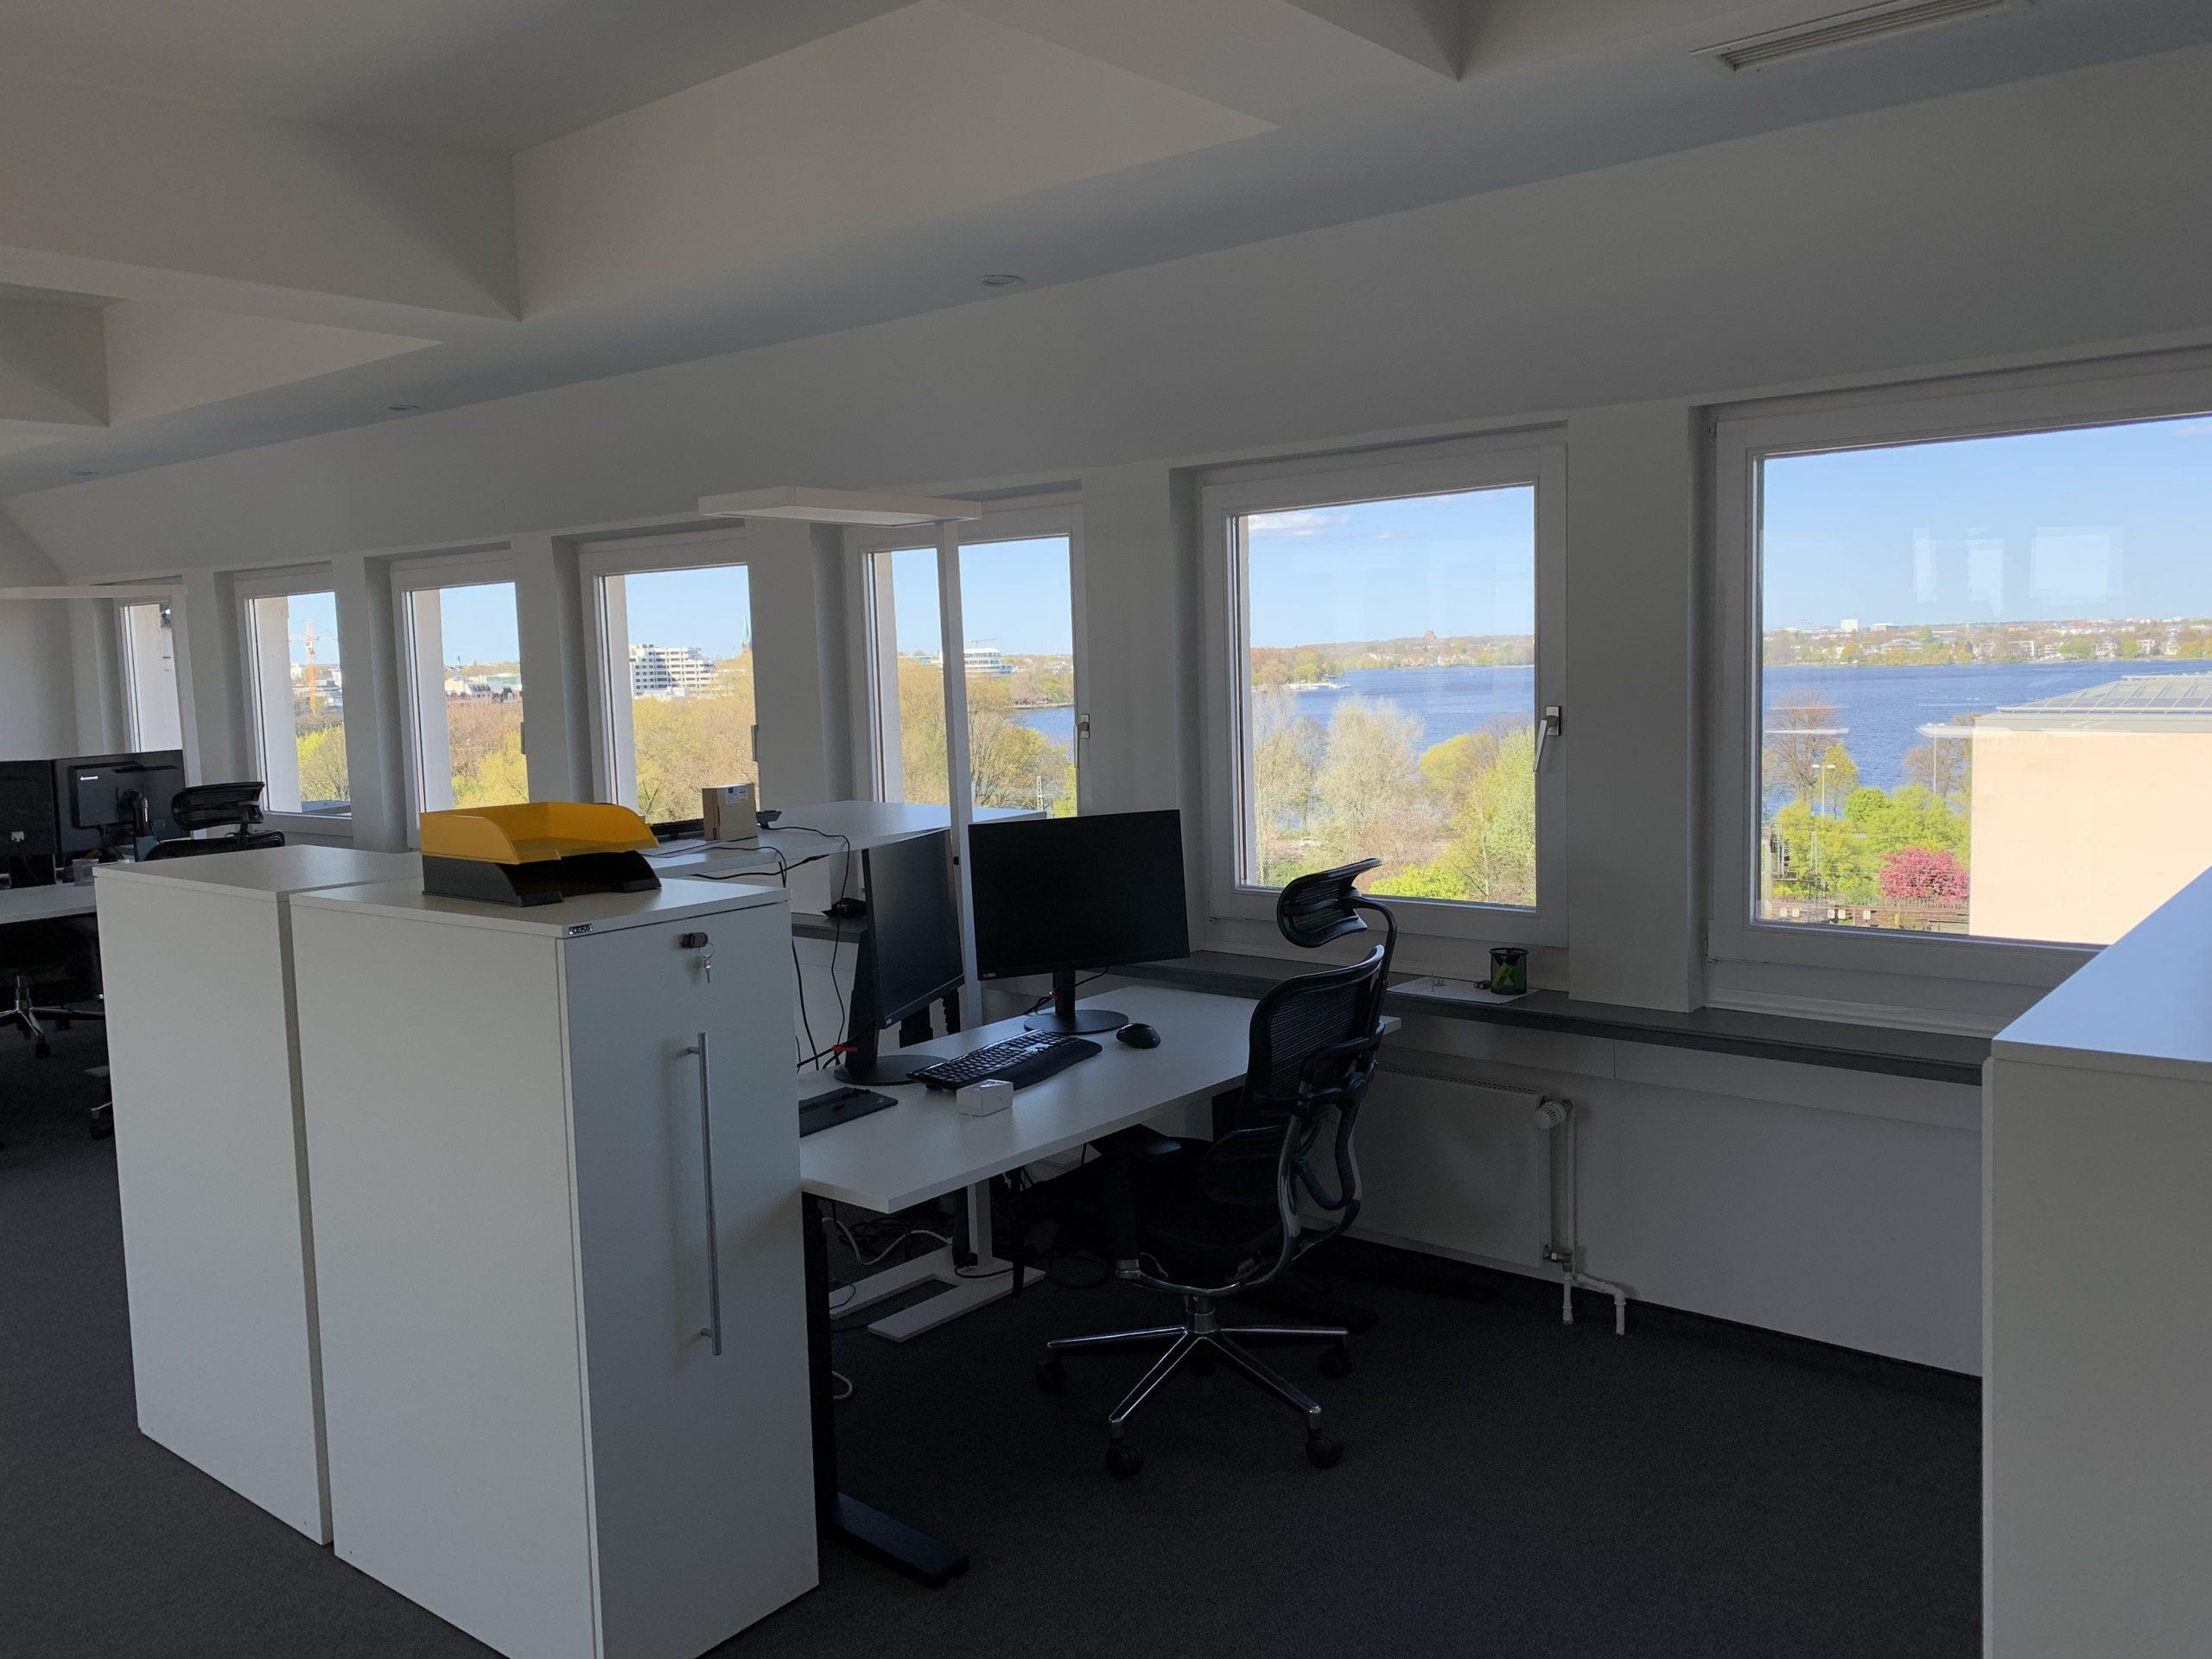 News Foto Umzug Hamburg Glockengiesserwall 20 scaled - Innovabee wächst und bezieht neues Büro in bester Hamburger Citylage